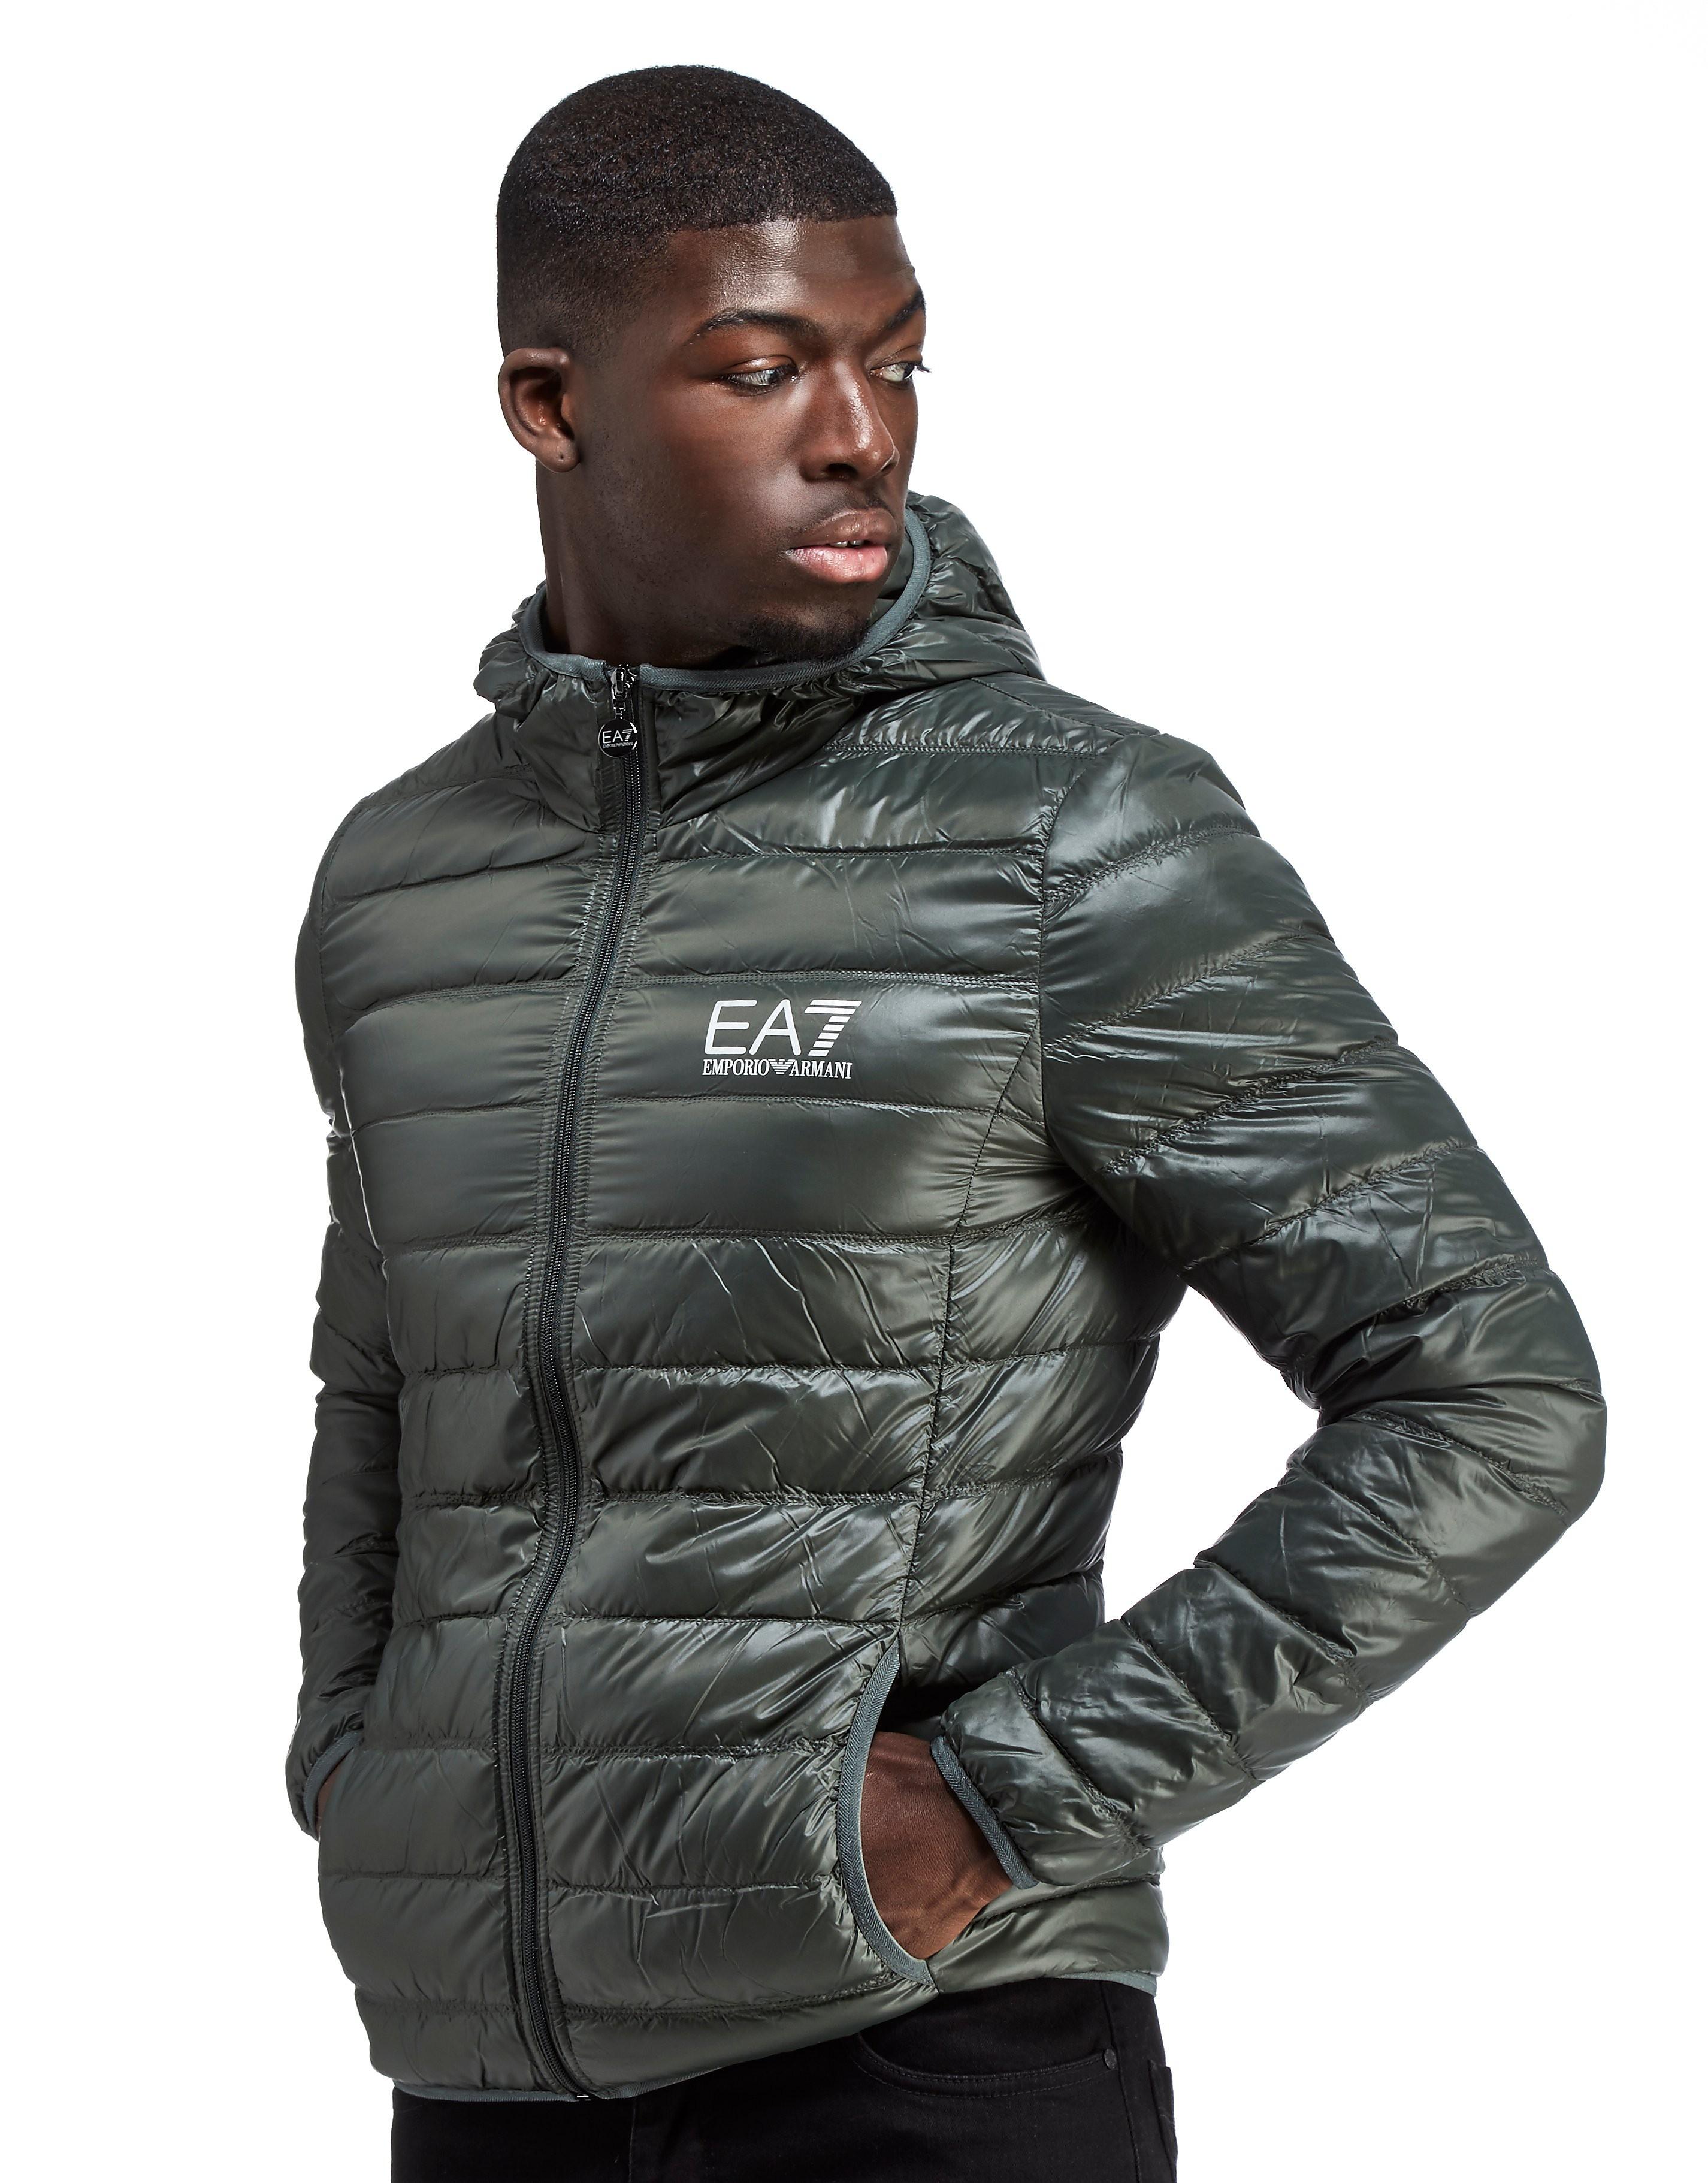 Emporio Armani EA7 Bubble Jacket